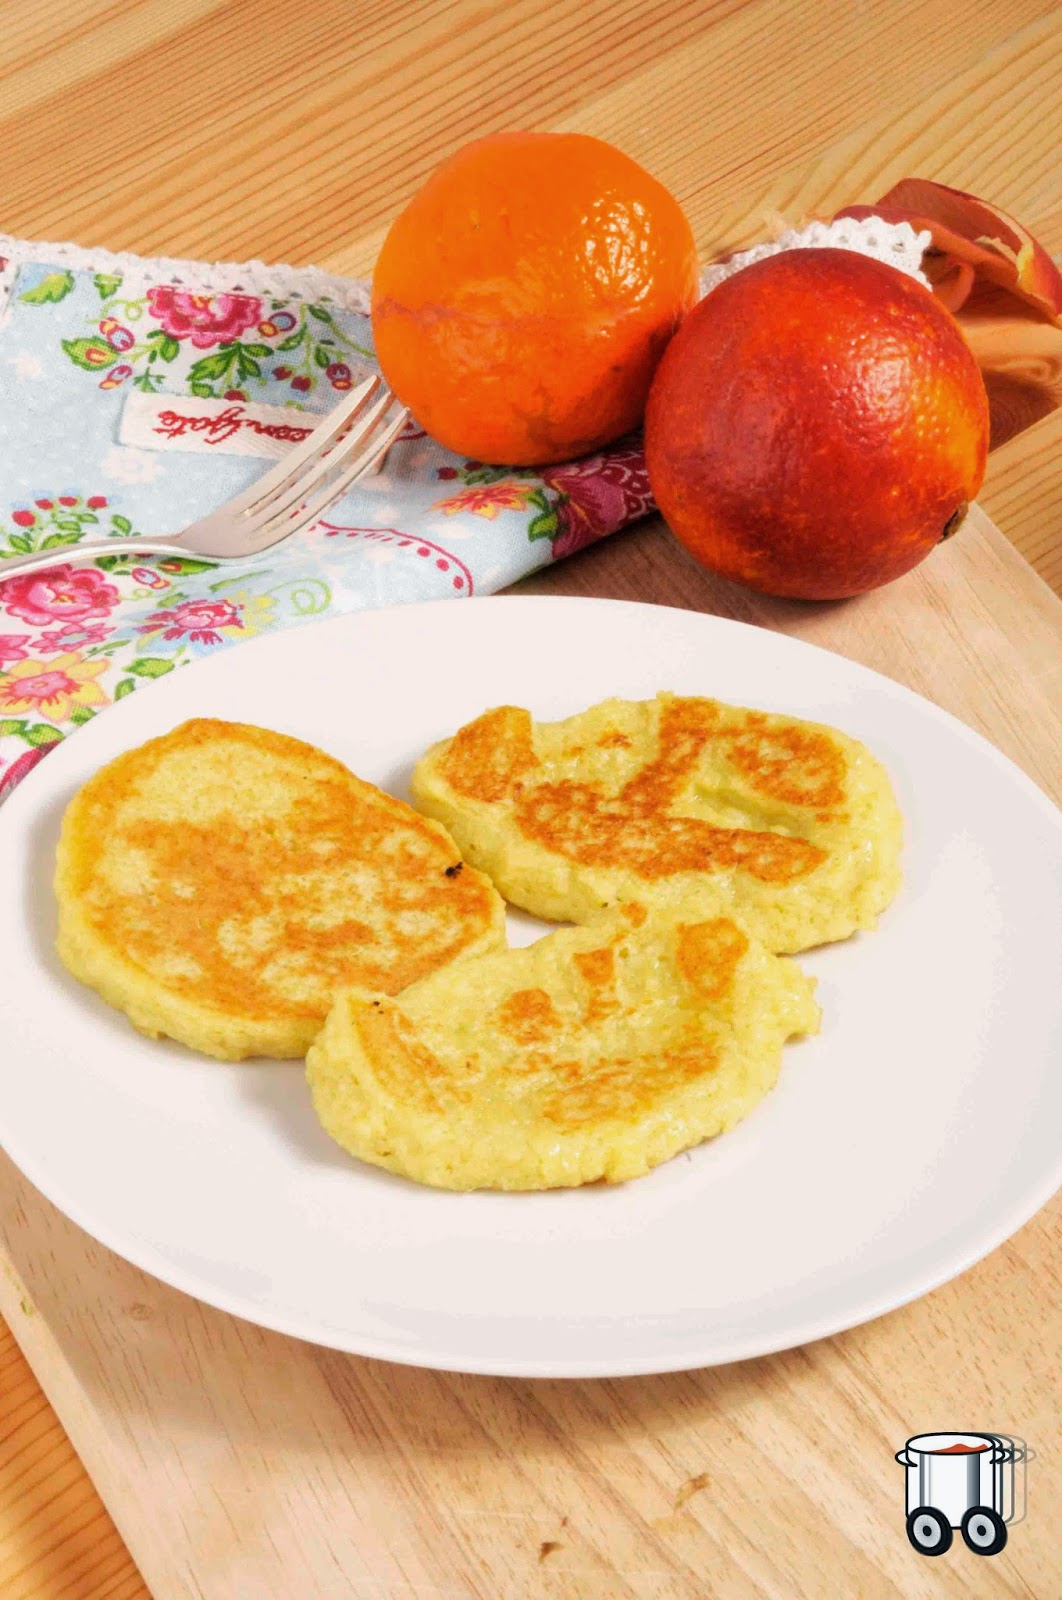 Szybko Tanio Smacznie - Śniadaniowe placuszki z kaszy jaglanej i jabłka (bez glutenu, bez laktozy)